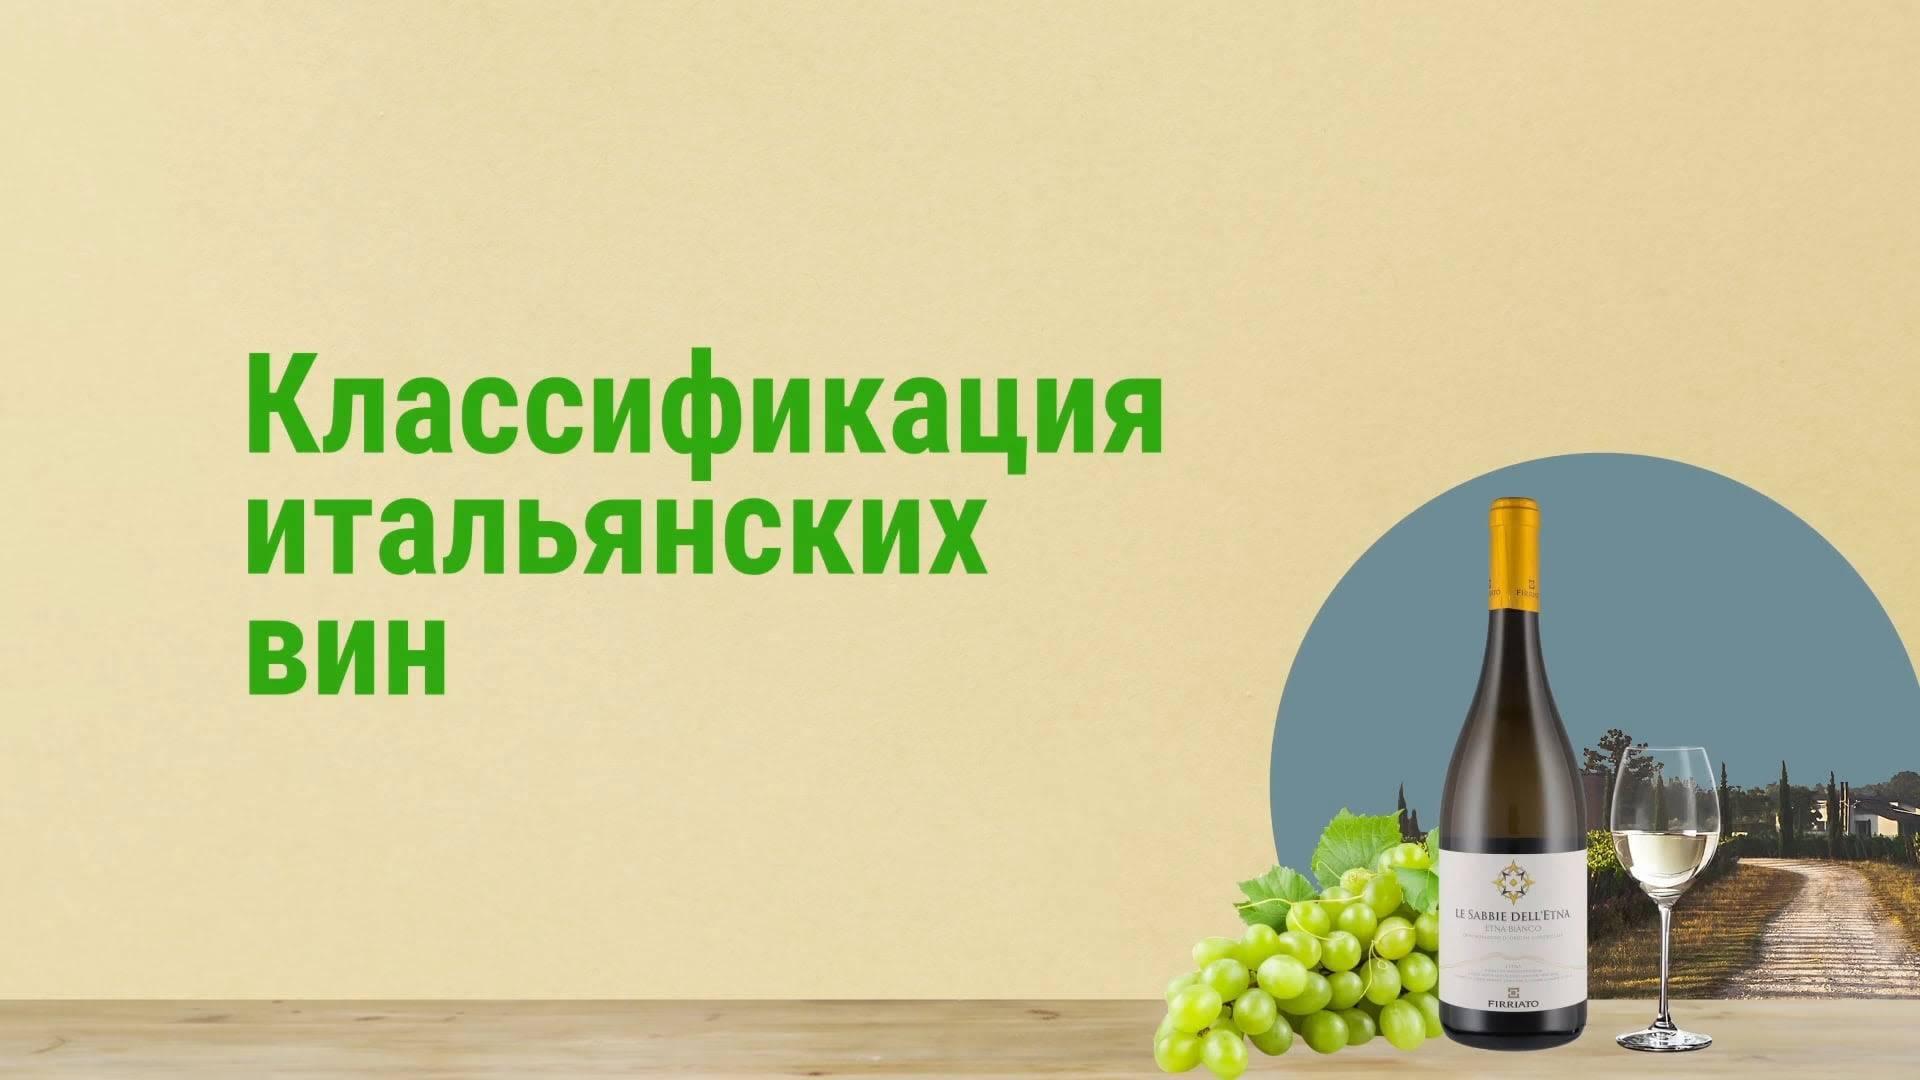 Классификация вин по происхождению   просто отдохнуть   яндекс дзен